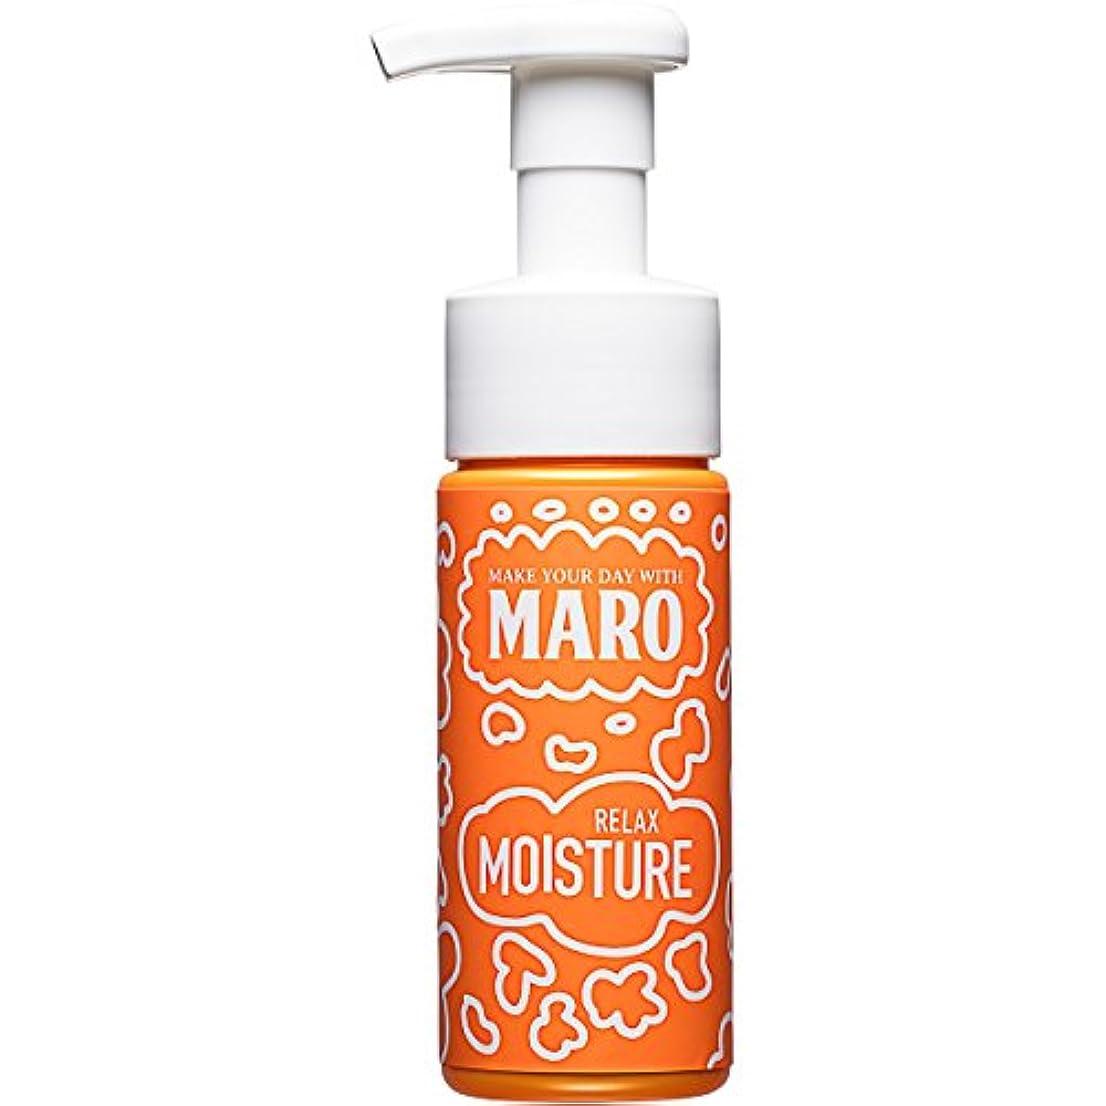 甲虫新しい意味アレンジMARO グルーヴィー 泡洗顔 リラックスモイスチャー 150ml